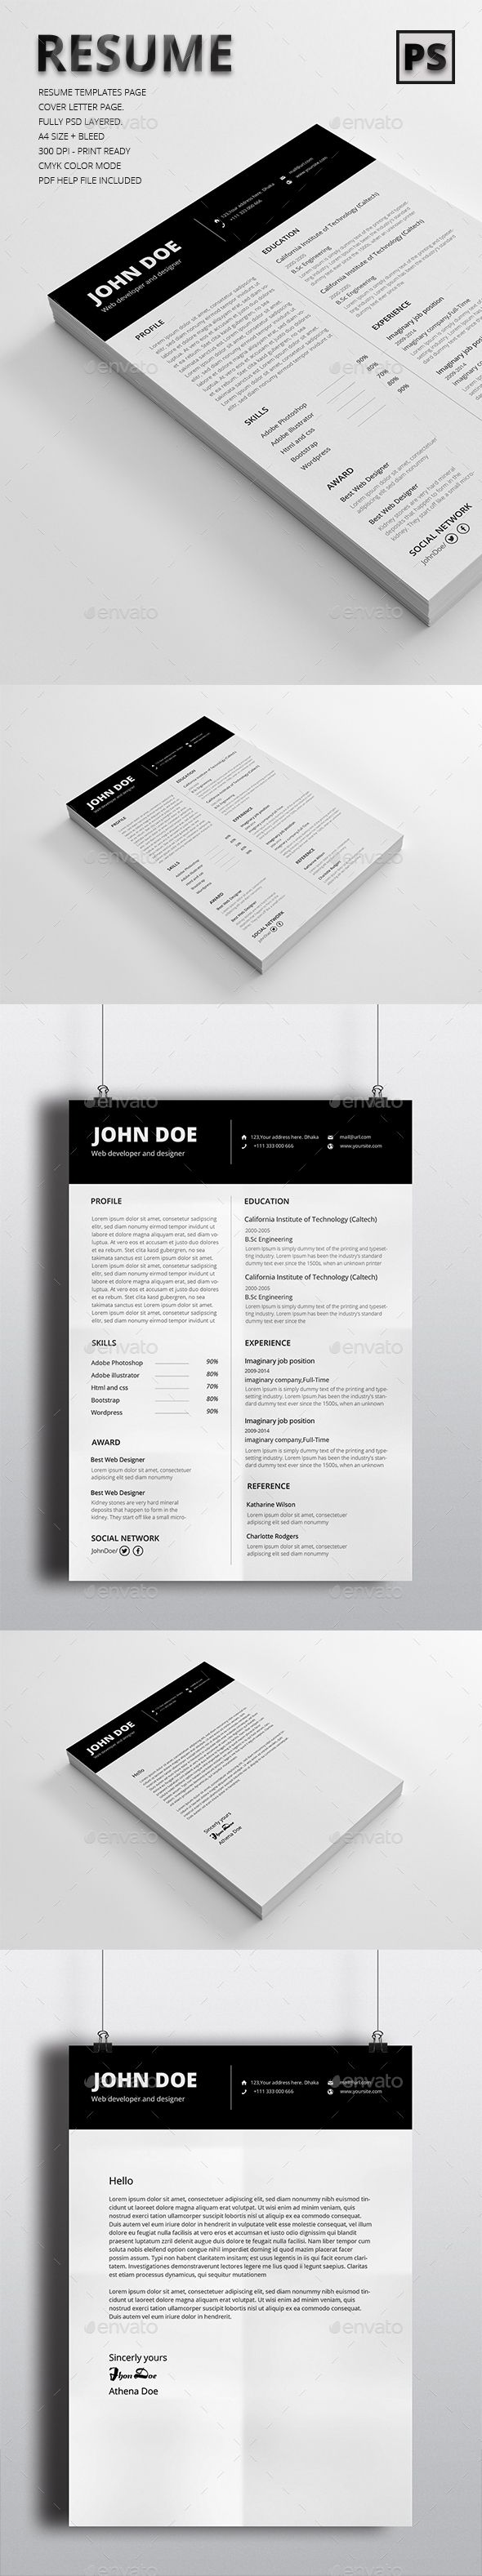 382 best Job images on Pinterest   Business portrait, Corporate ...